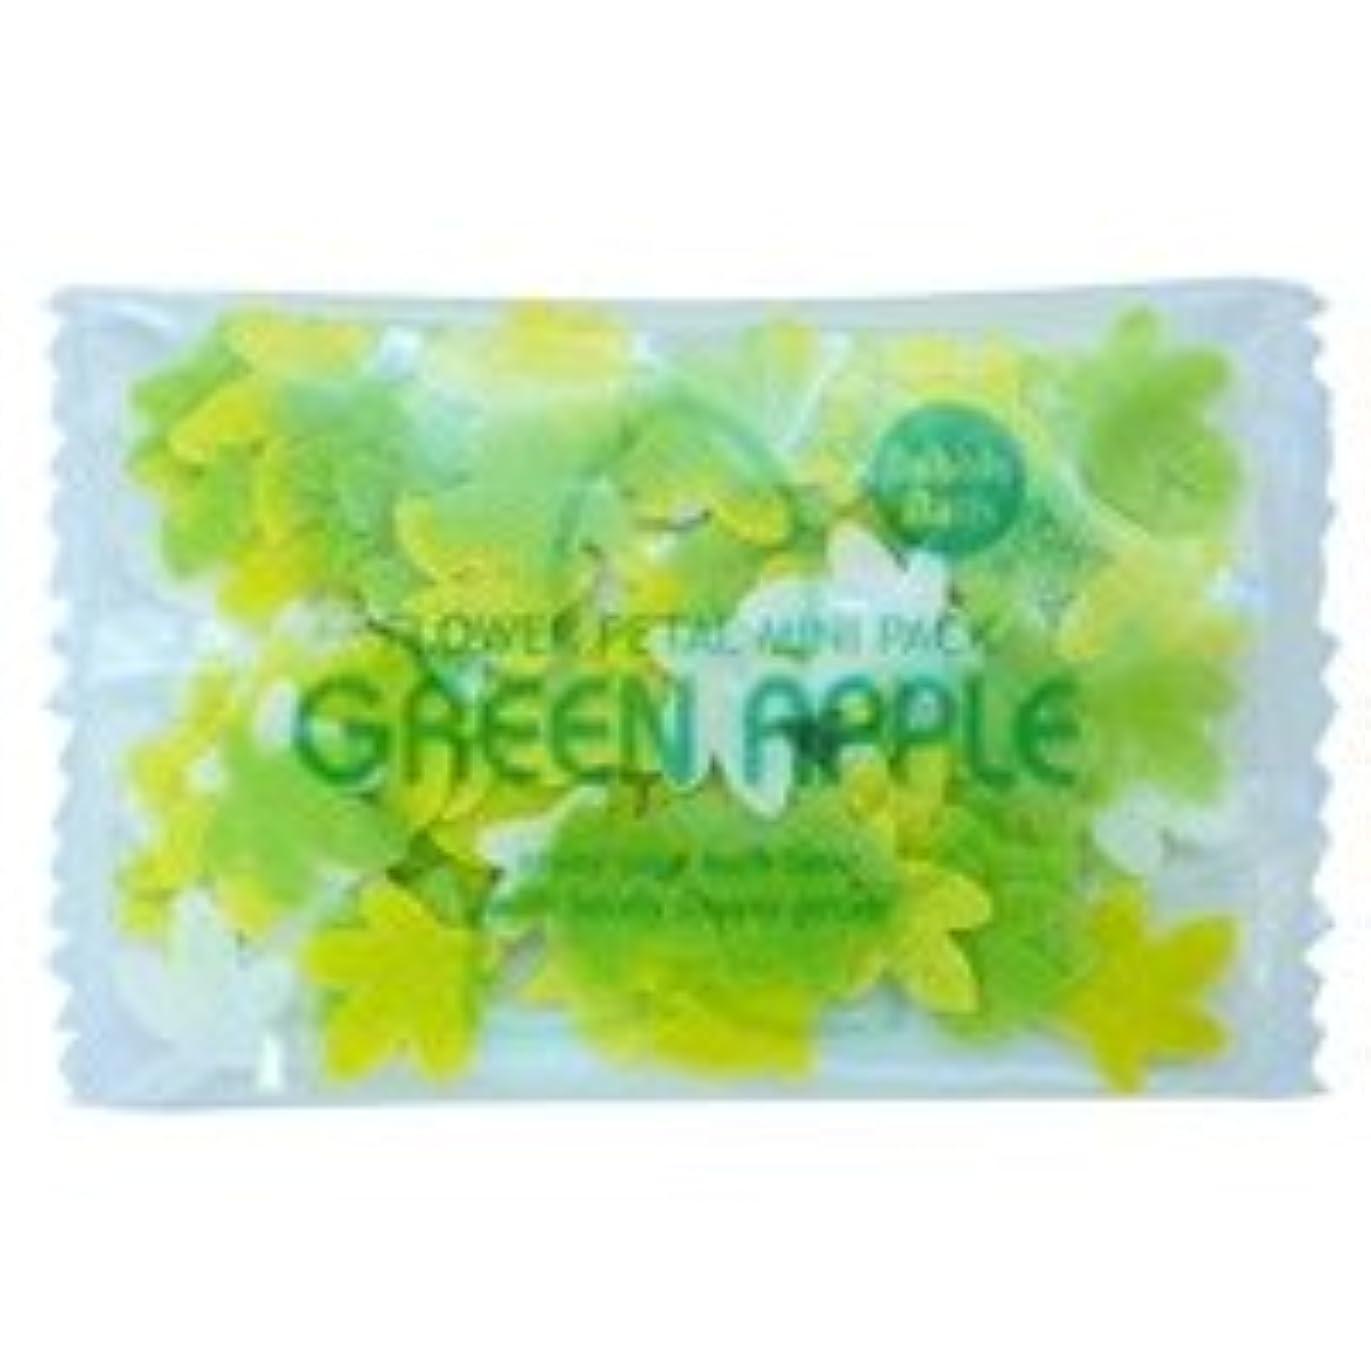 素晴らしい良い多くの郵便番号乱雑なフラワーペタル バブルバス ミニパック「グリーンアップル」20個セット ストレスから解放されたい日に疲れた心を解きほぐしてくれるフレッシュなグリーンアップルの香り